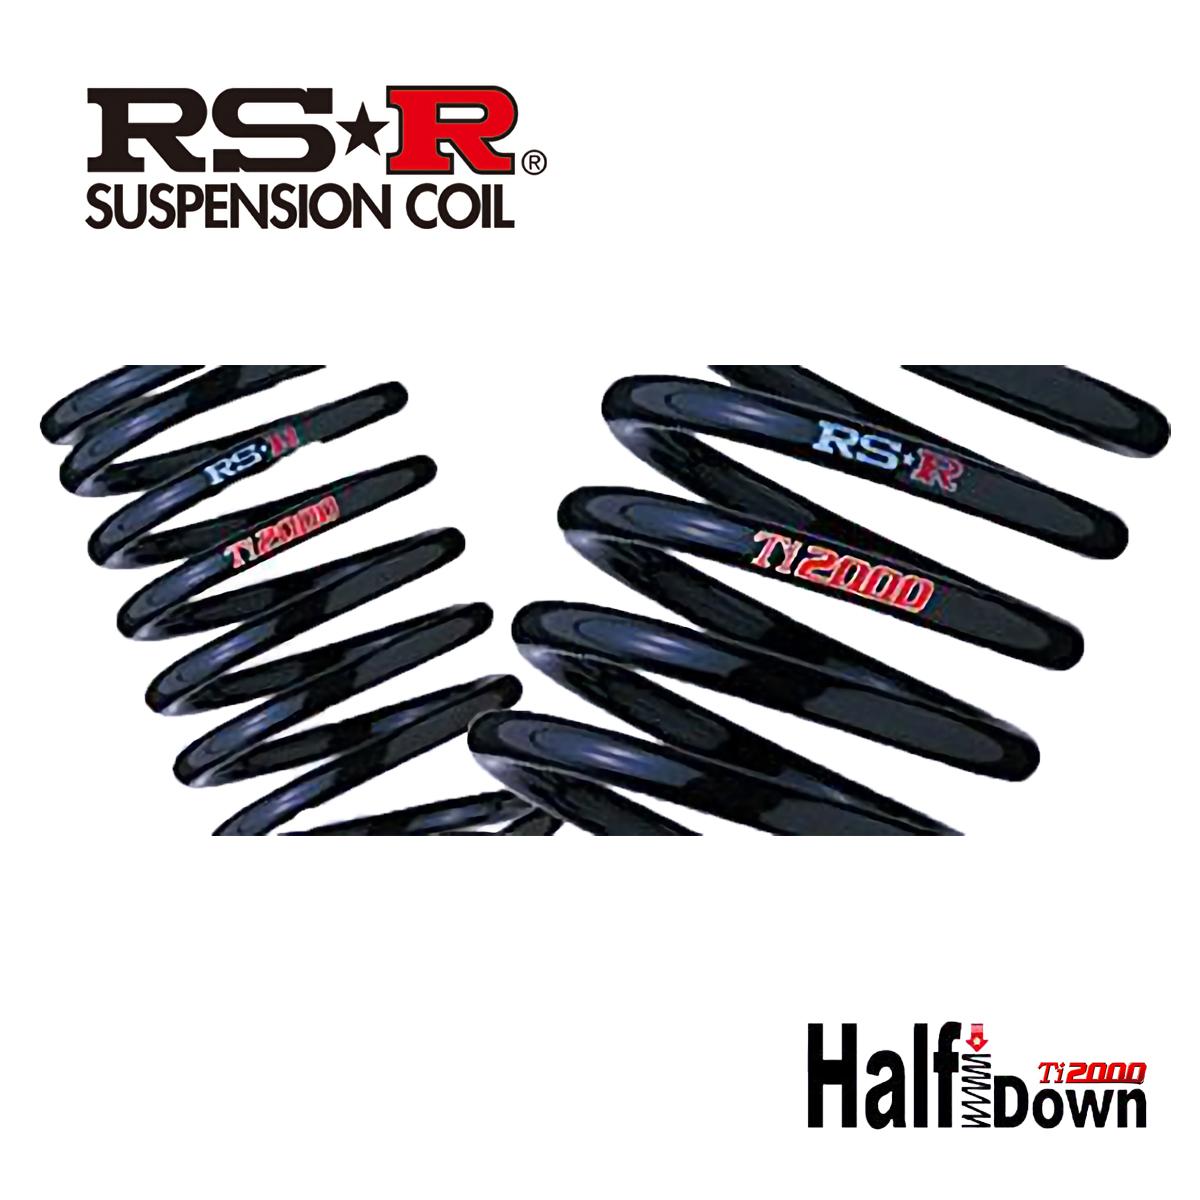 RS-R C-HR G-T NGX50 ダウンサス スプリング リア T381THDR Ti2000 ハーフダウン RSR 個人宅発送追金有